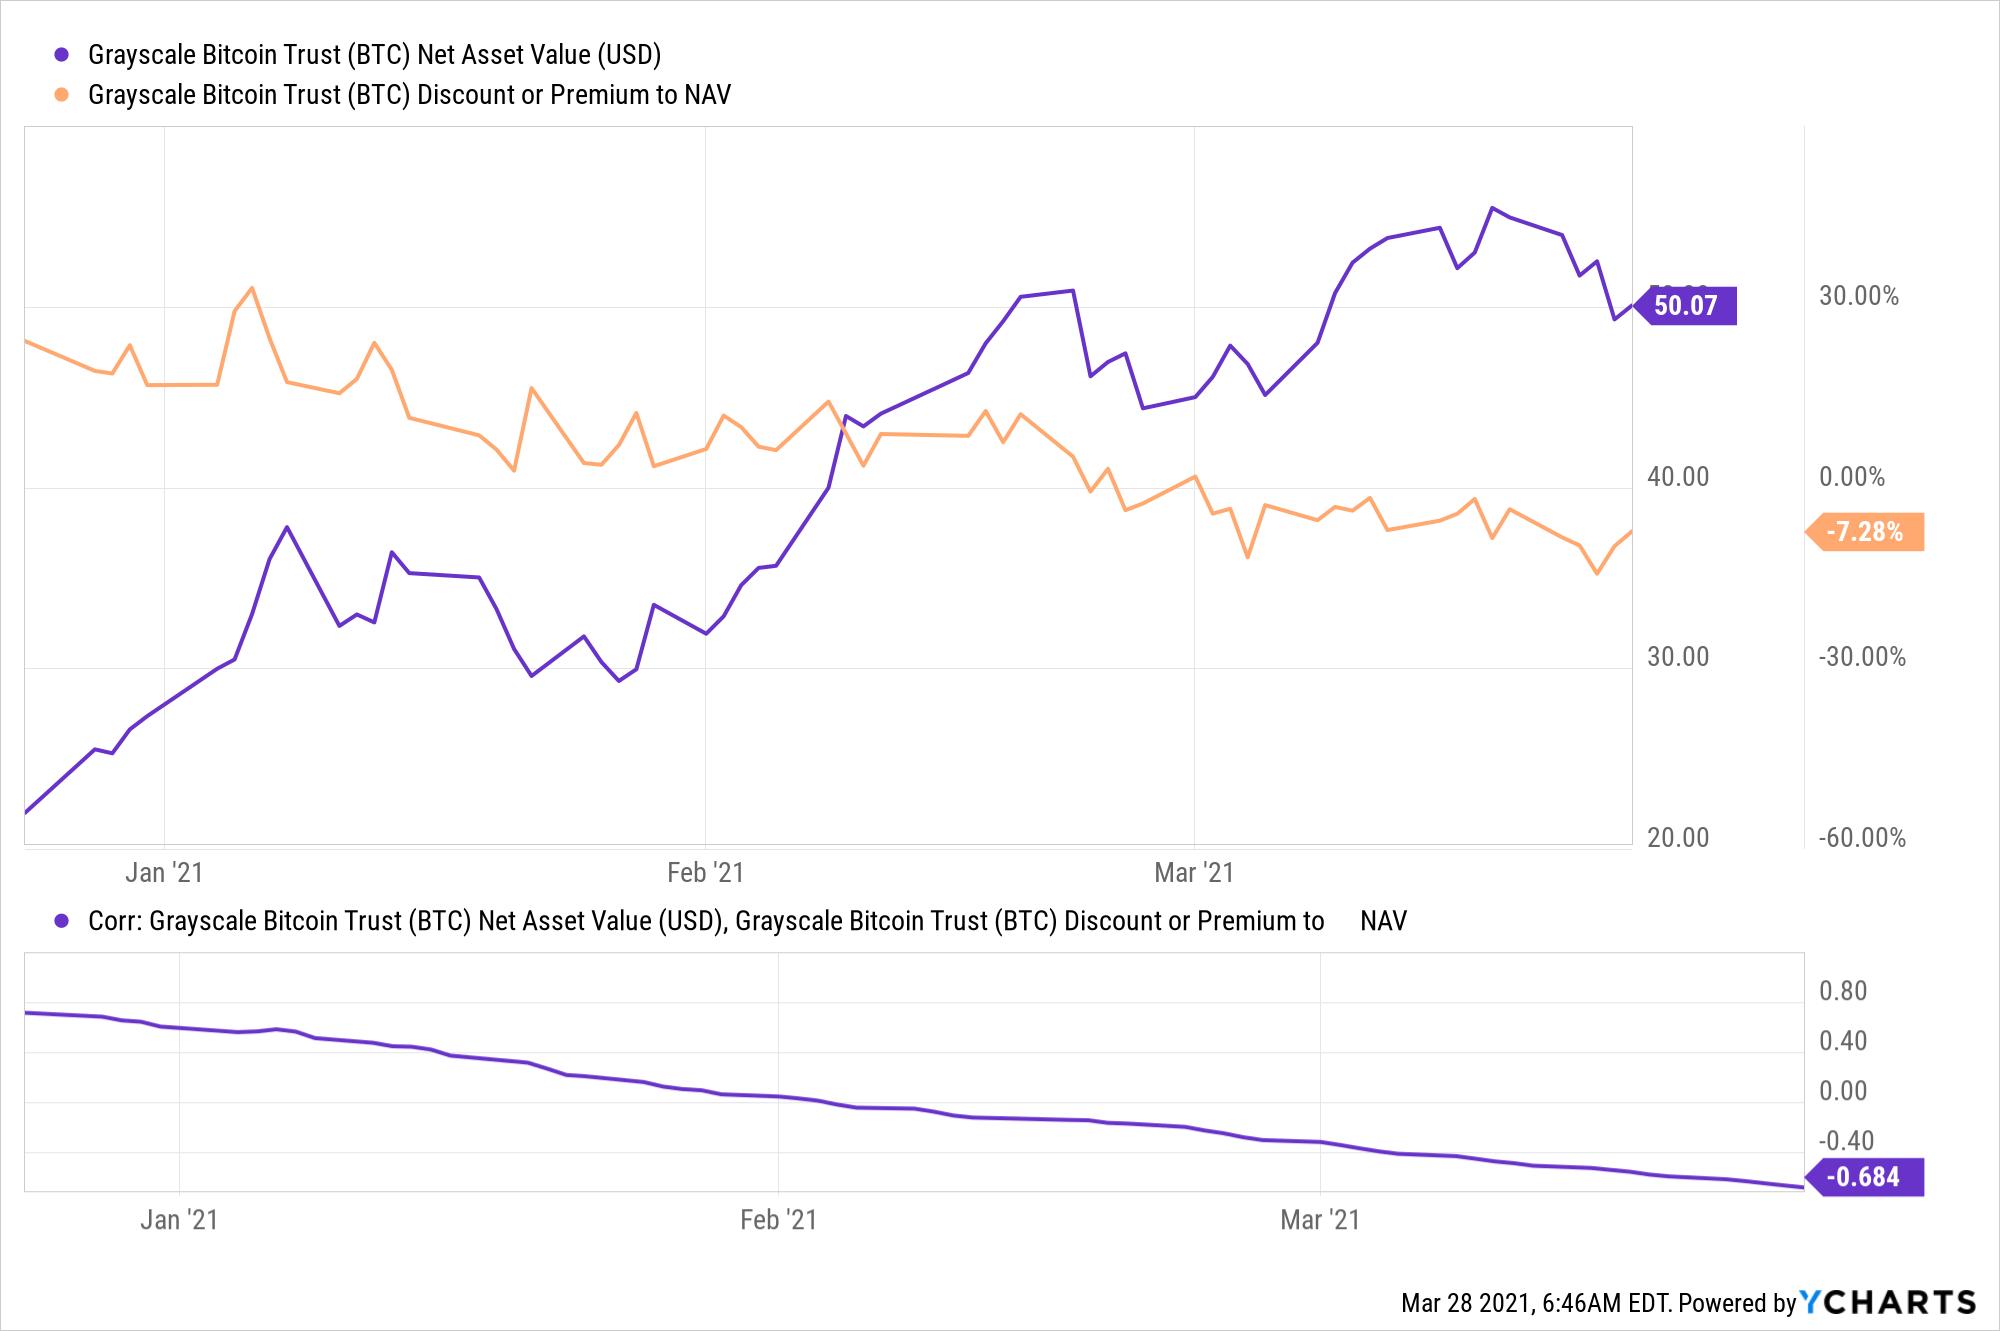 GBTC Net Asset Value Chart